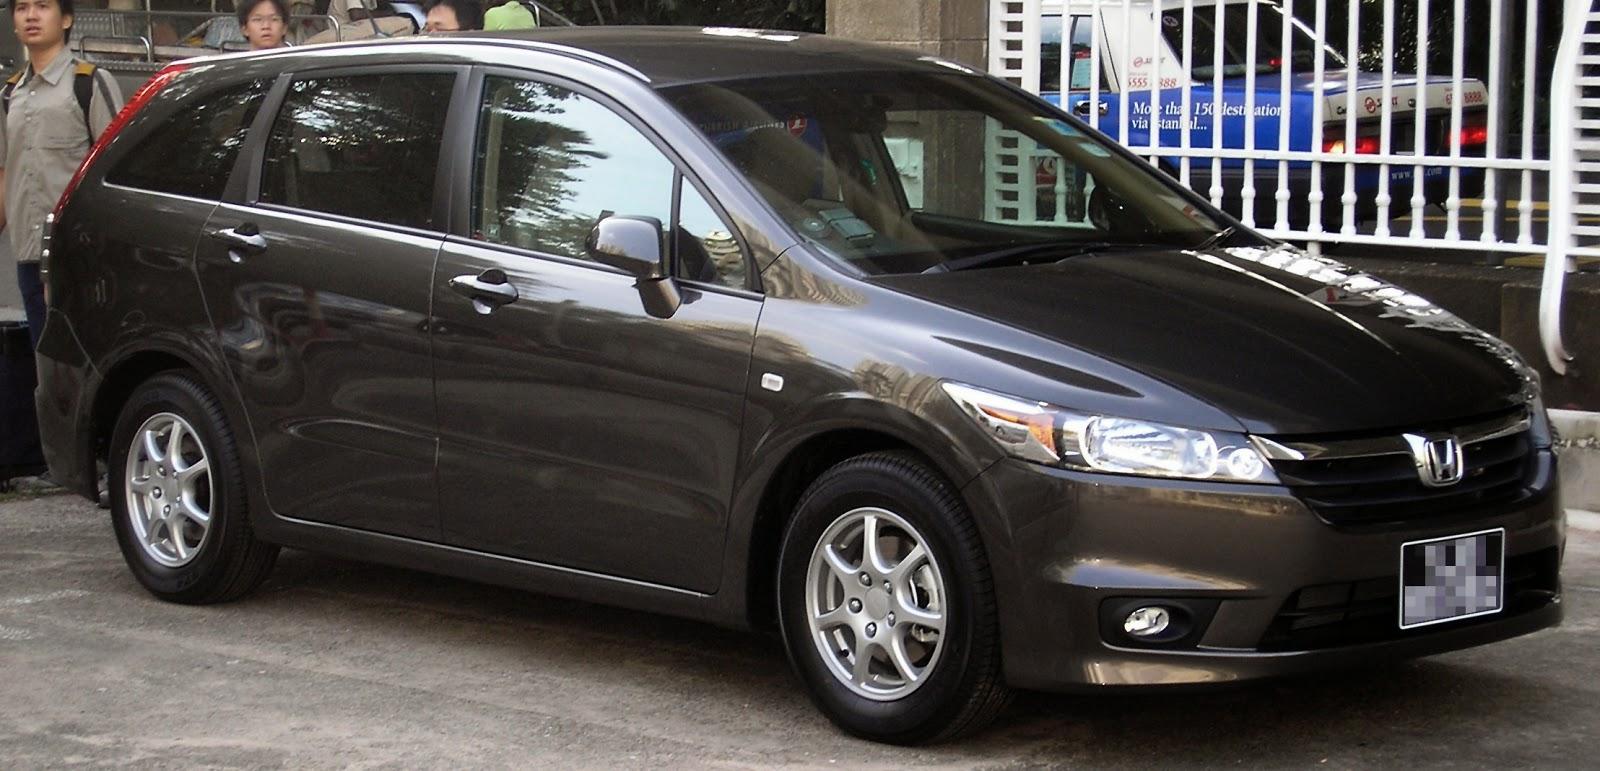 Kelebihan Kekurangan Honda Stream Bekas Spesifikasi